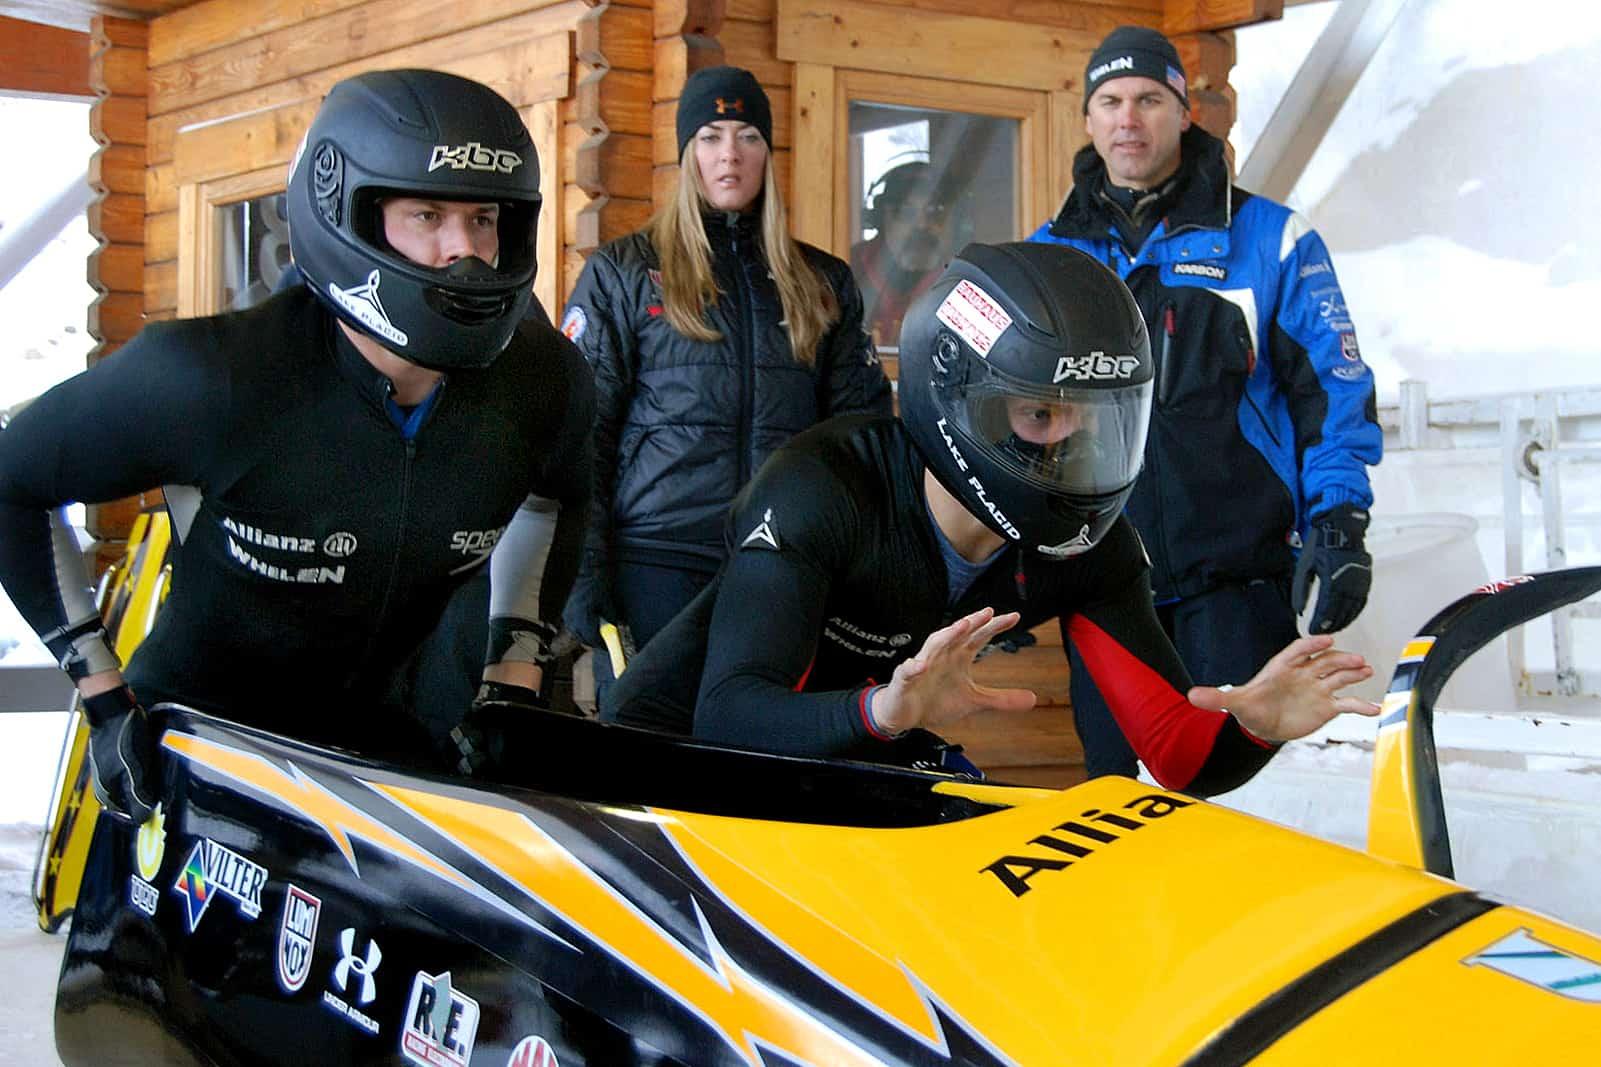 L'enterrement de vie de célibataire, une idée d'activité à la neige pour les sports d'hiver: le bobsleigh